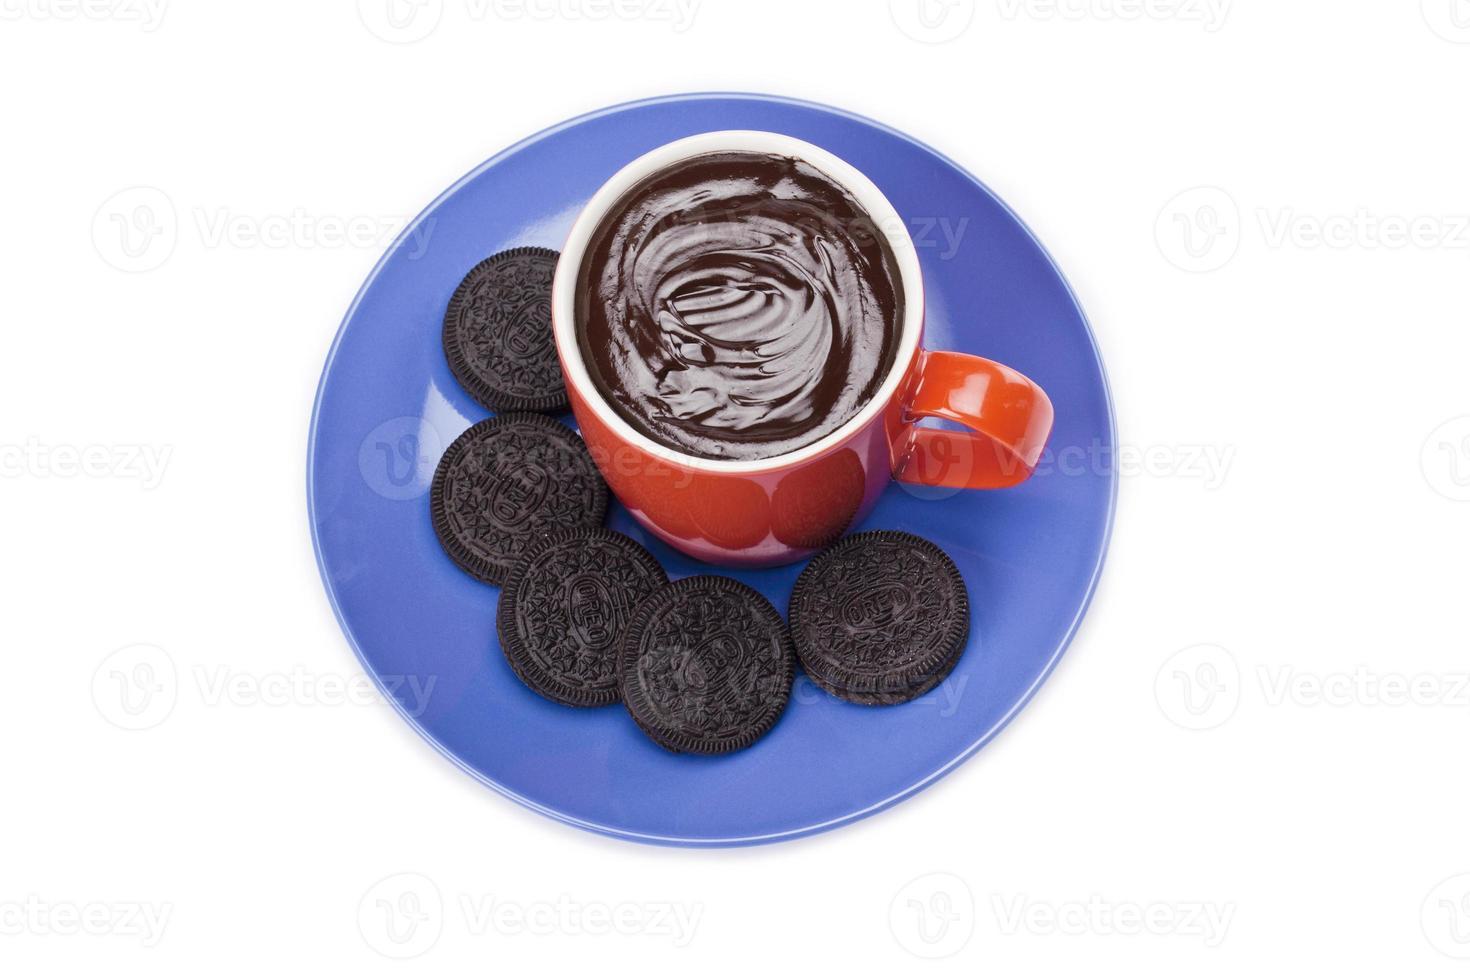 biscoitos mergulhados em chocolate foto